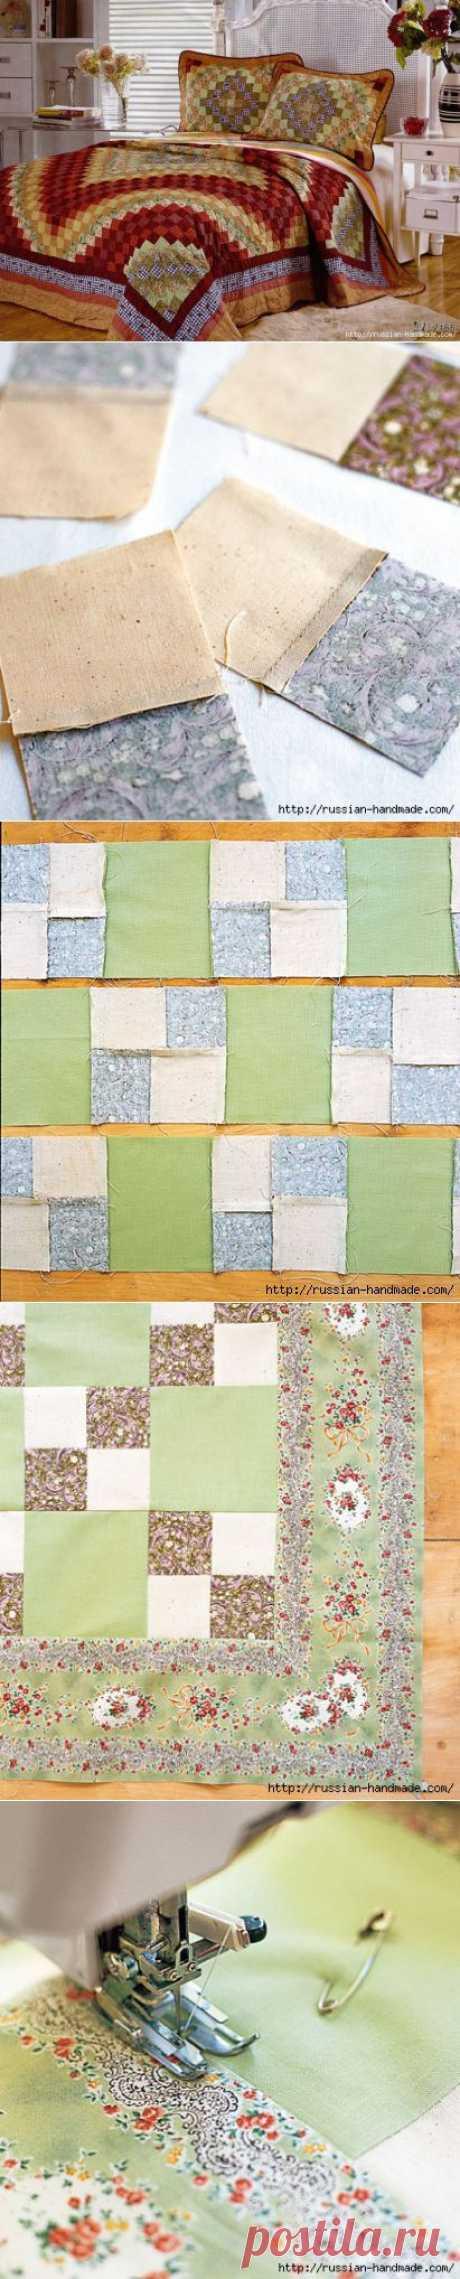 Учебный курс по пошиву одеяла в технике пэчворк | Сделай сам!